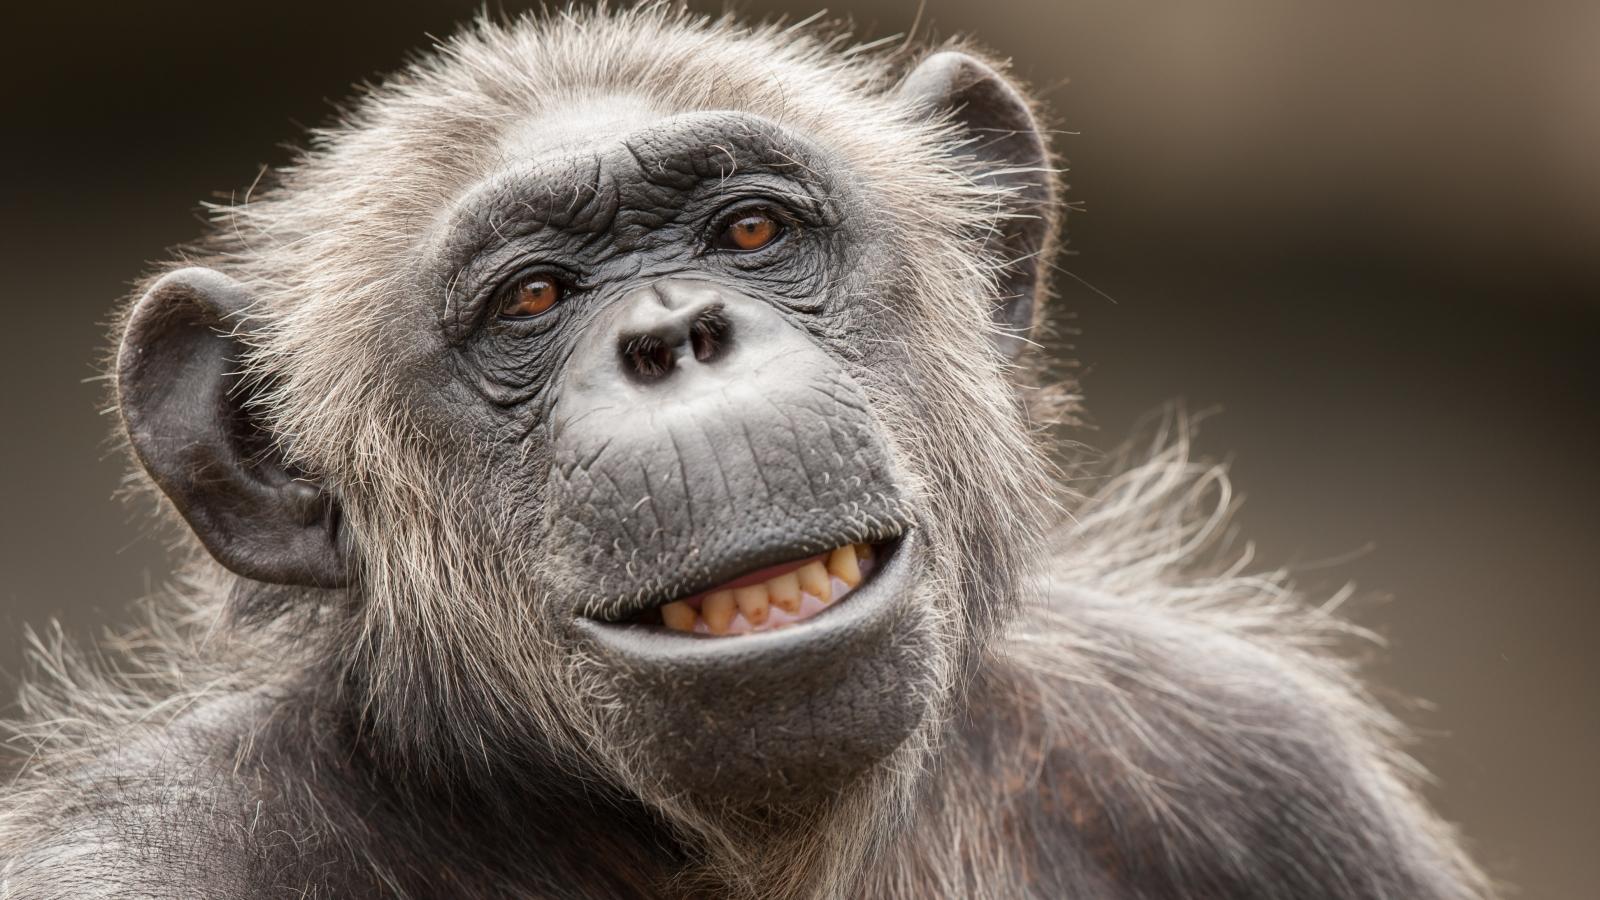 La cara de un chimpancé - 1600x900